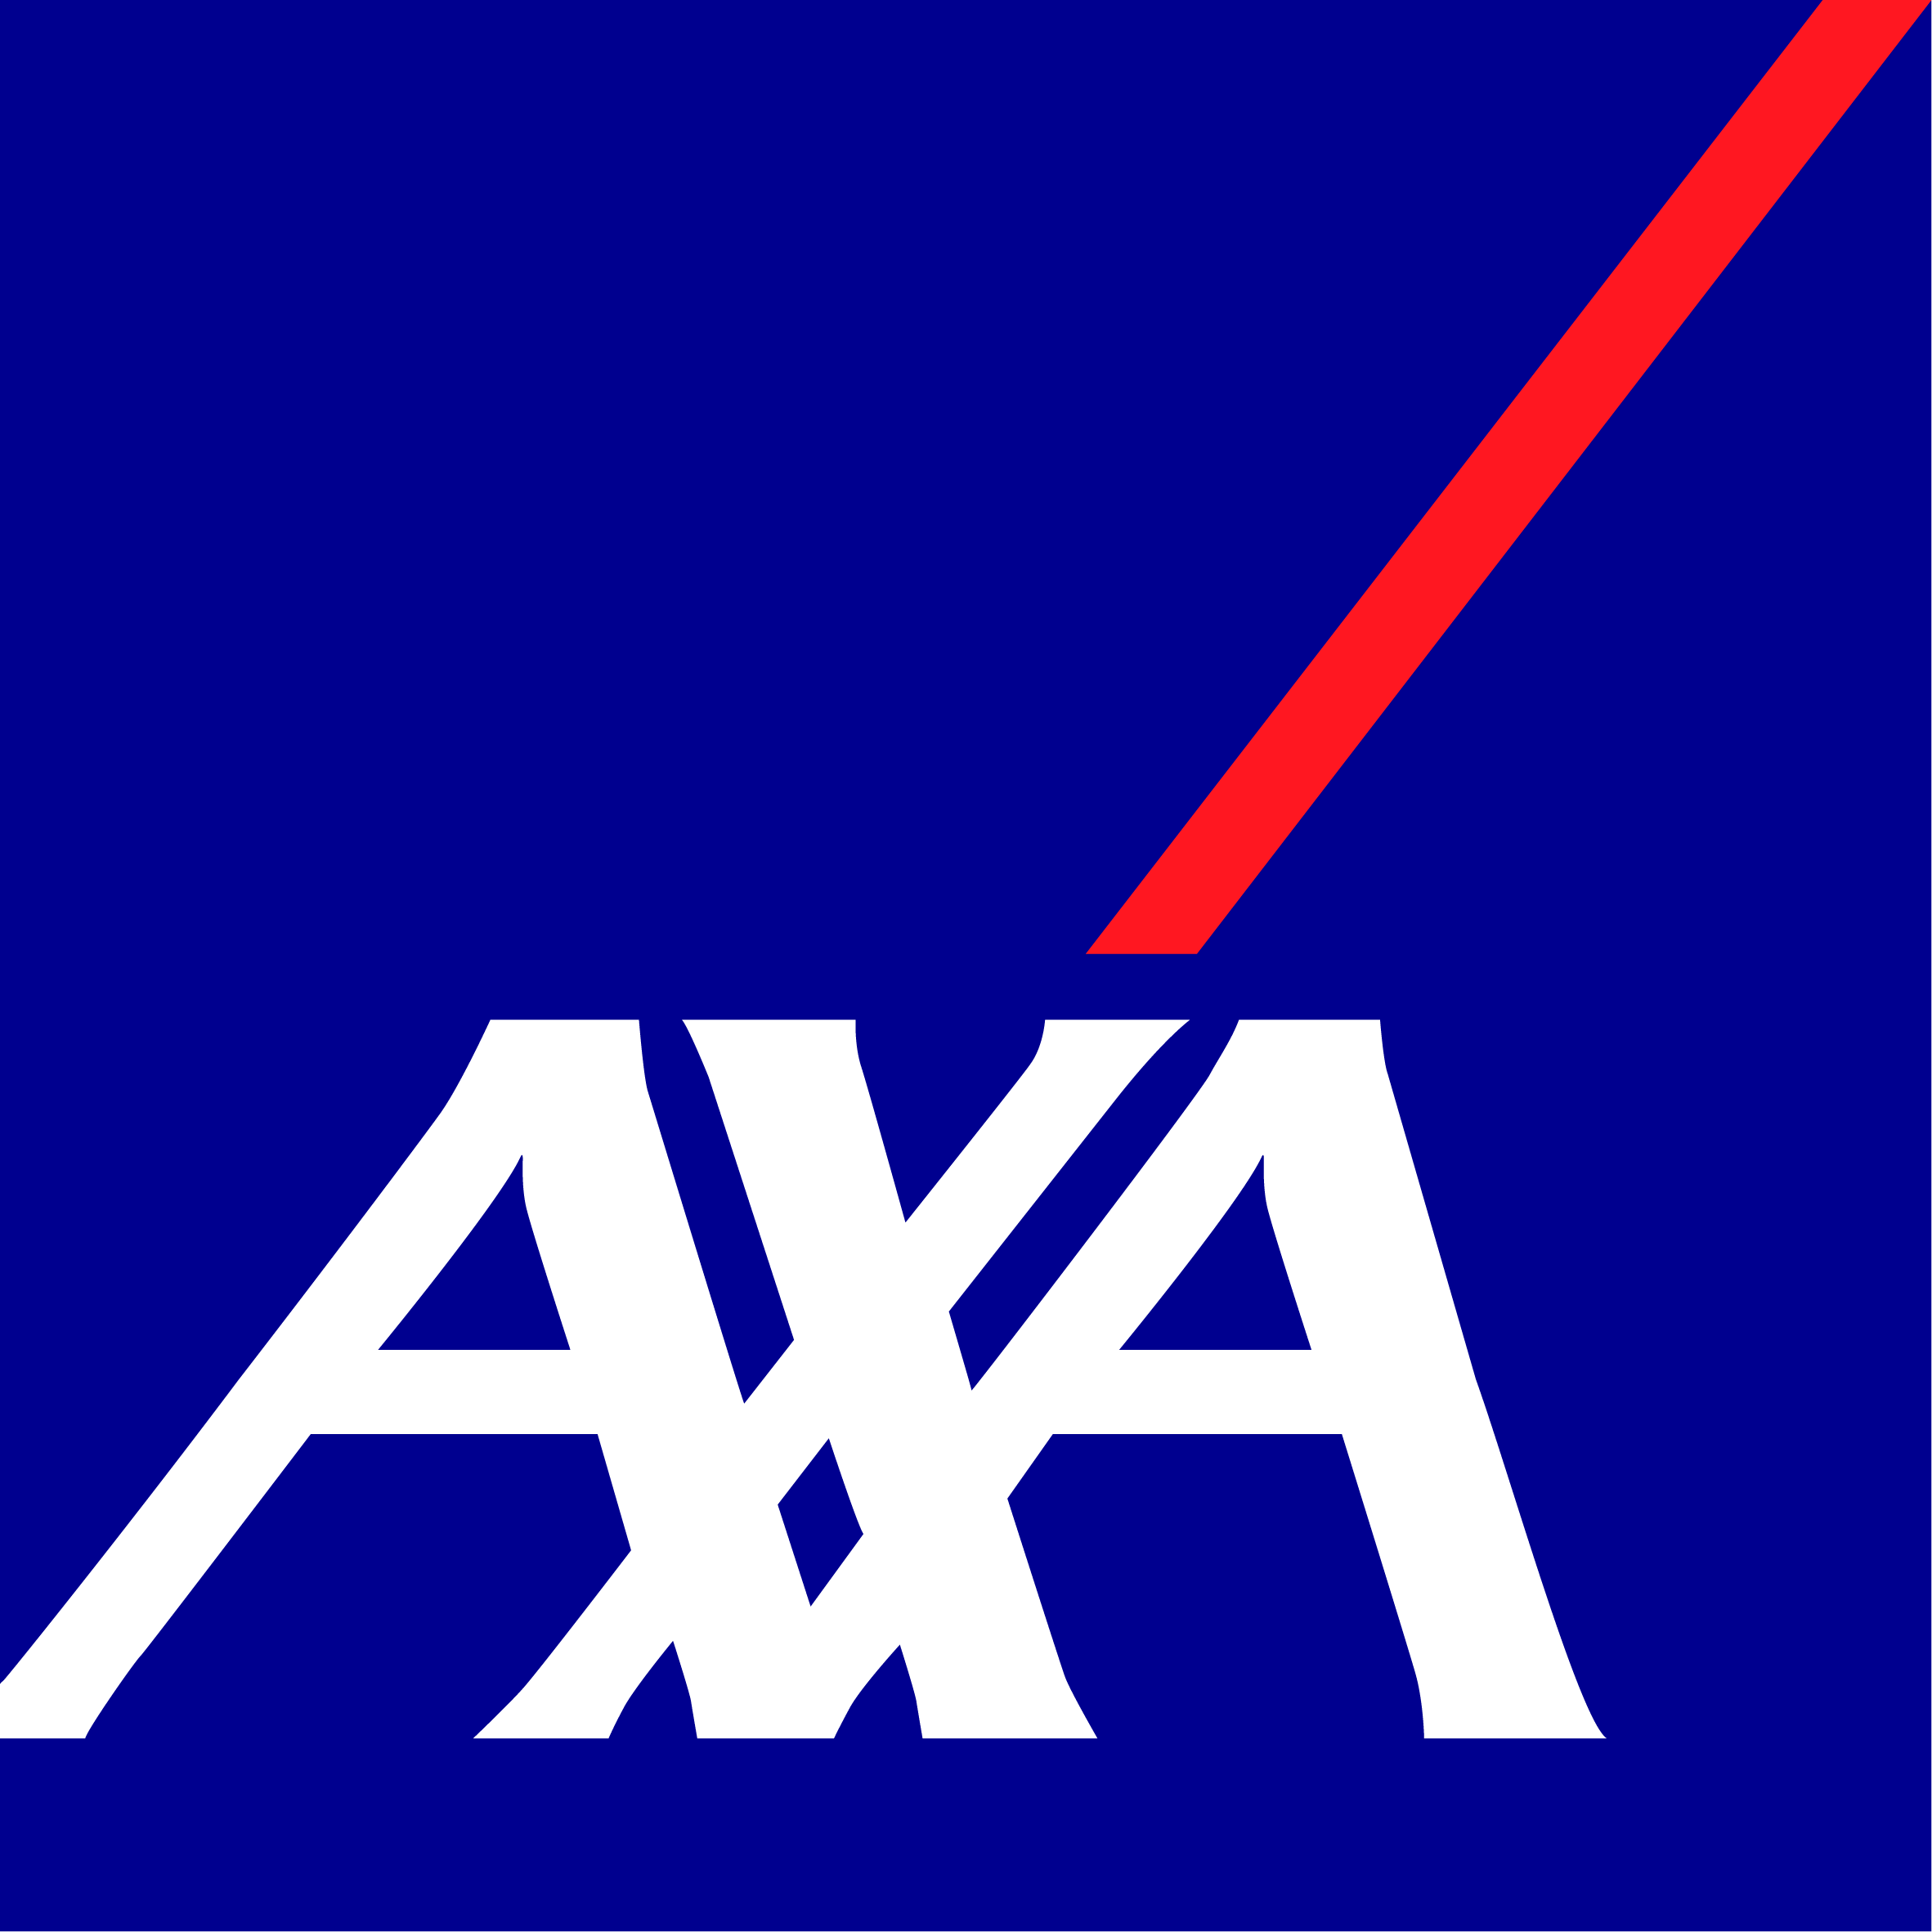 AXA_Color